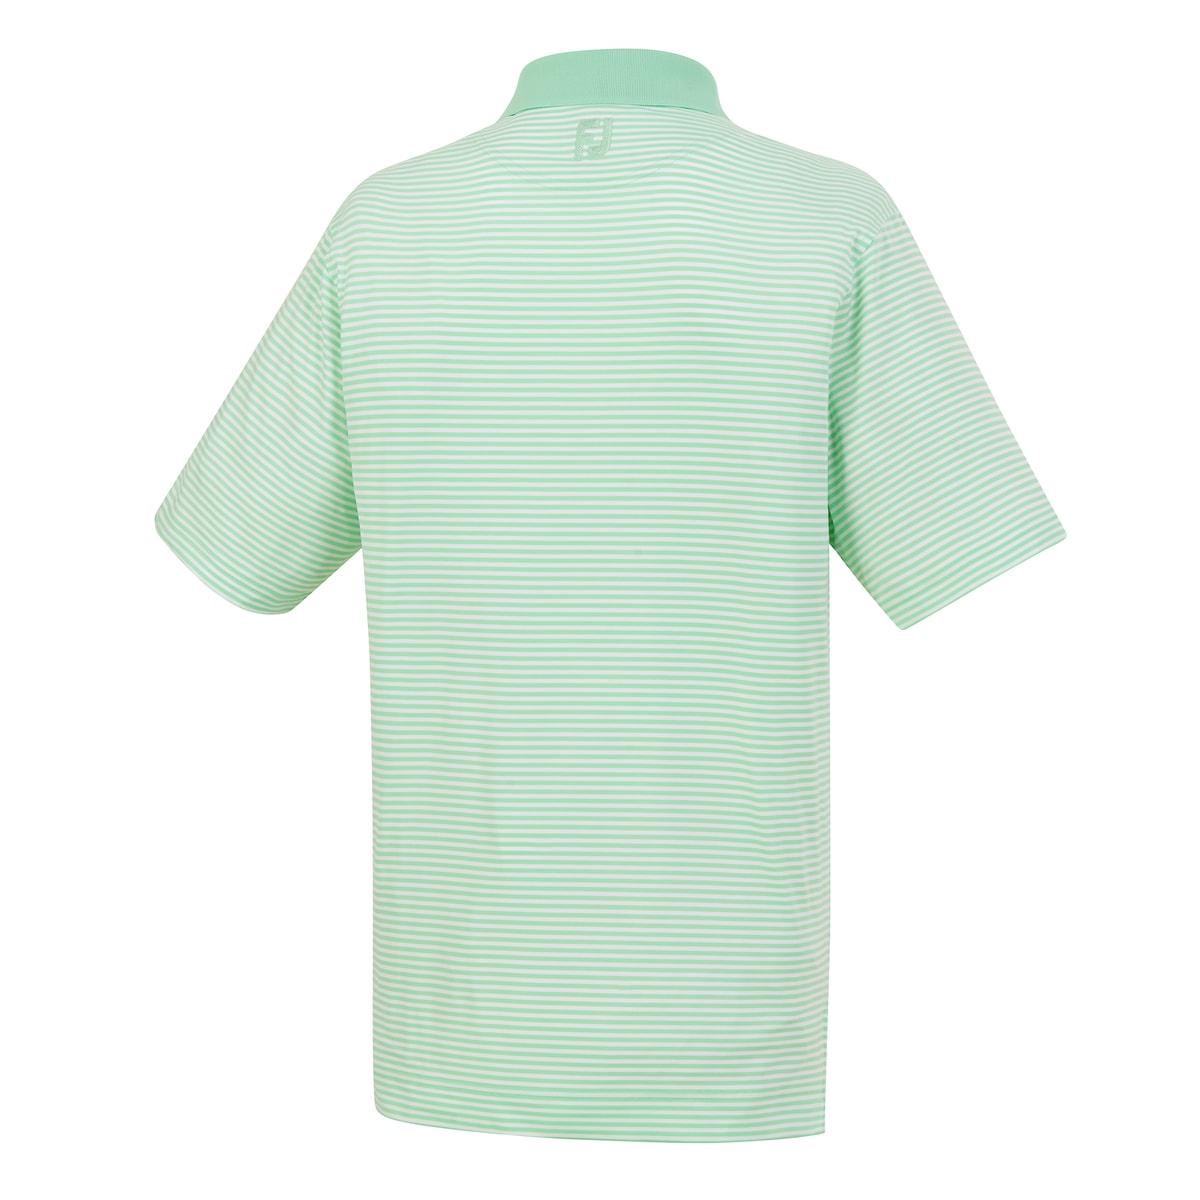 Lisle Feeder Stripe Knit Collar-Previous Season Style